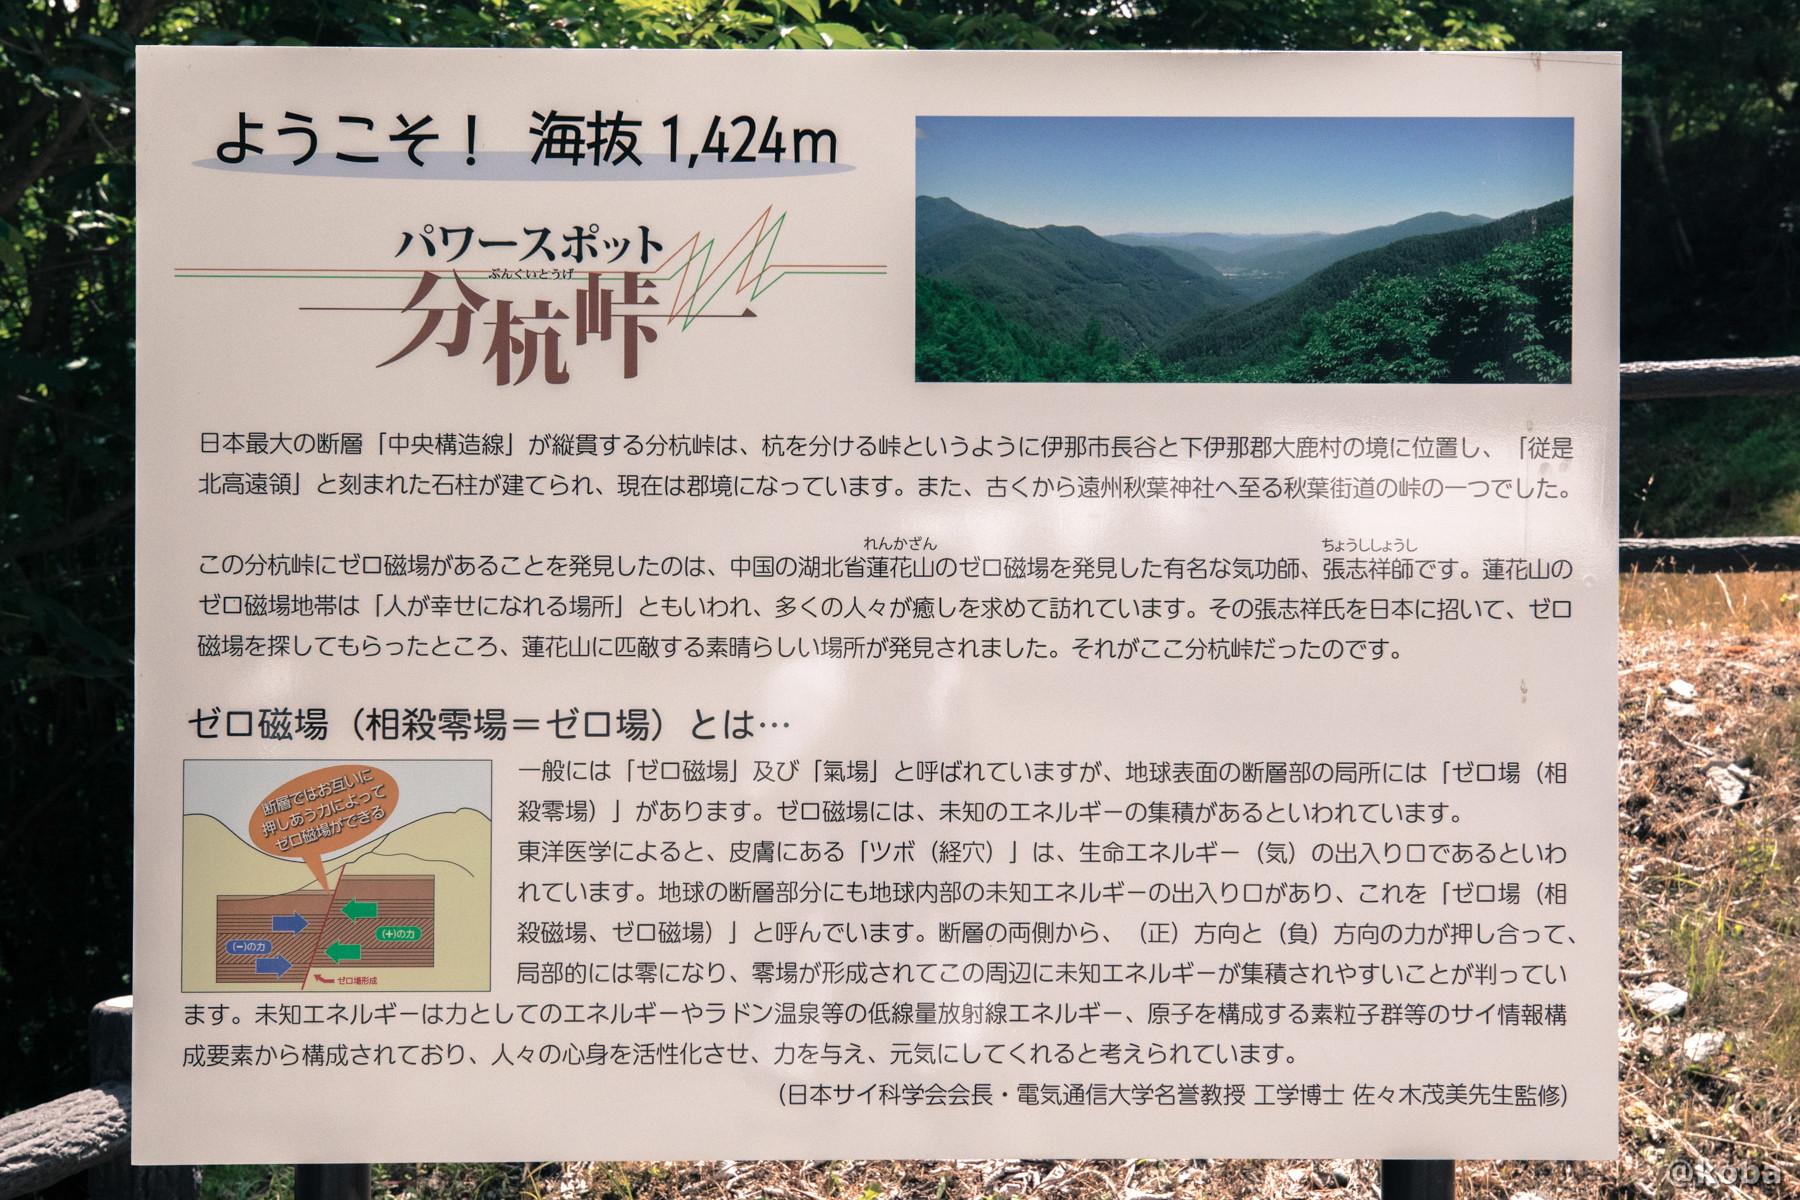 ゼロ磁場の案内看板 分抗峠 長野県 伊那市 ブログ